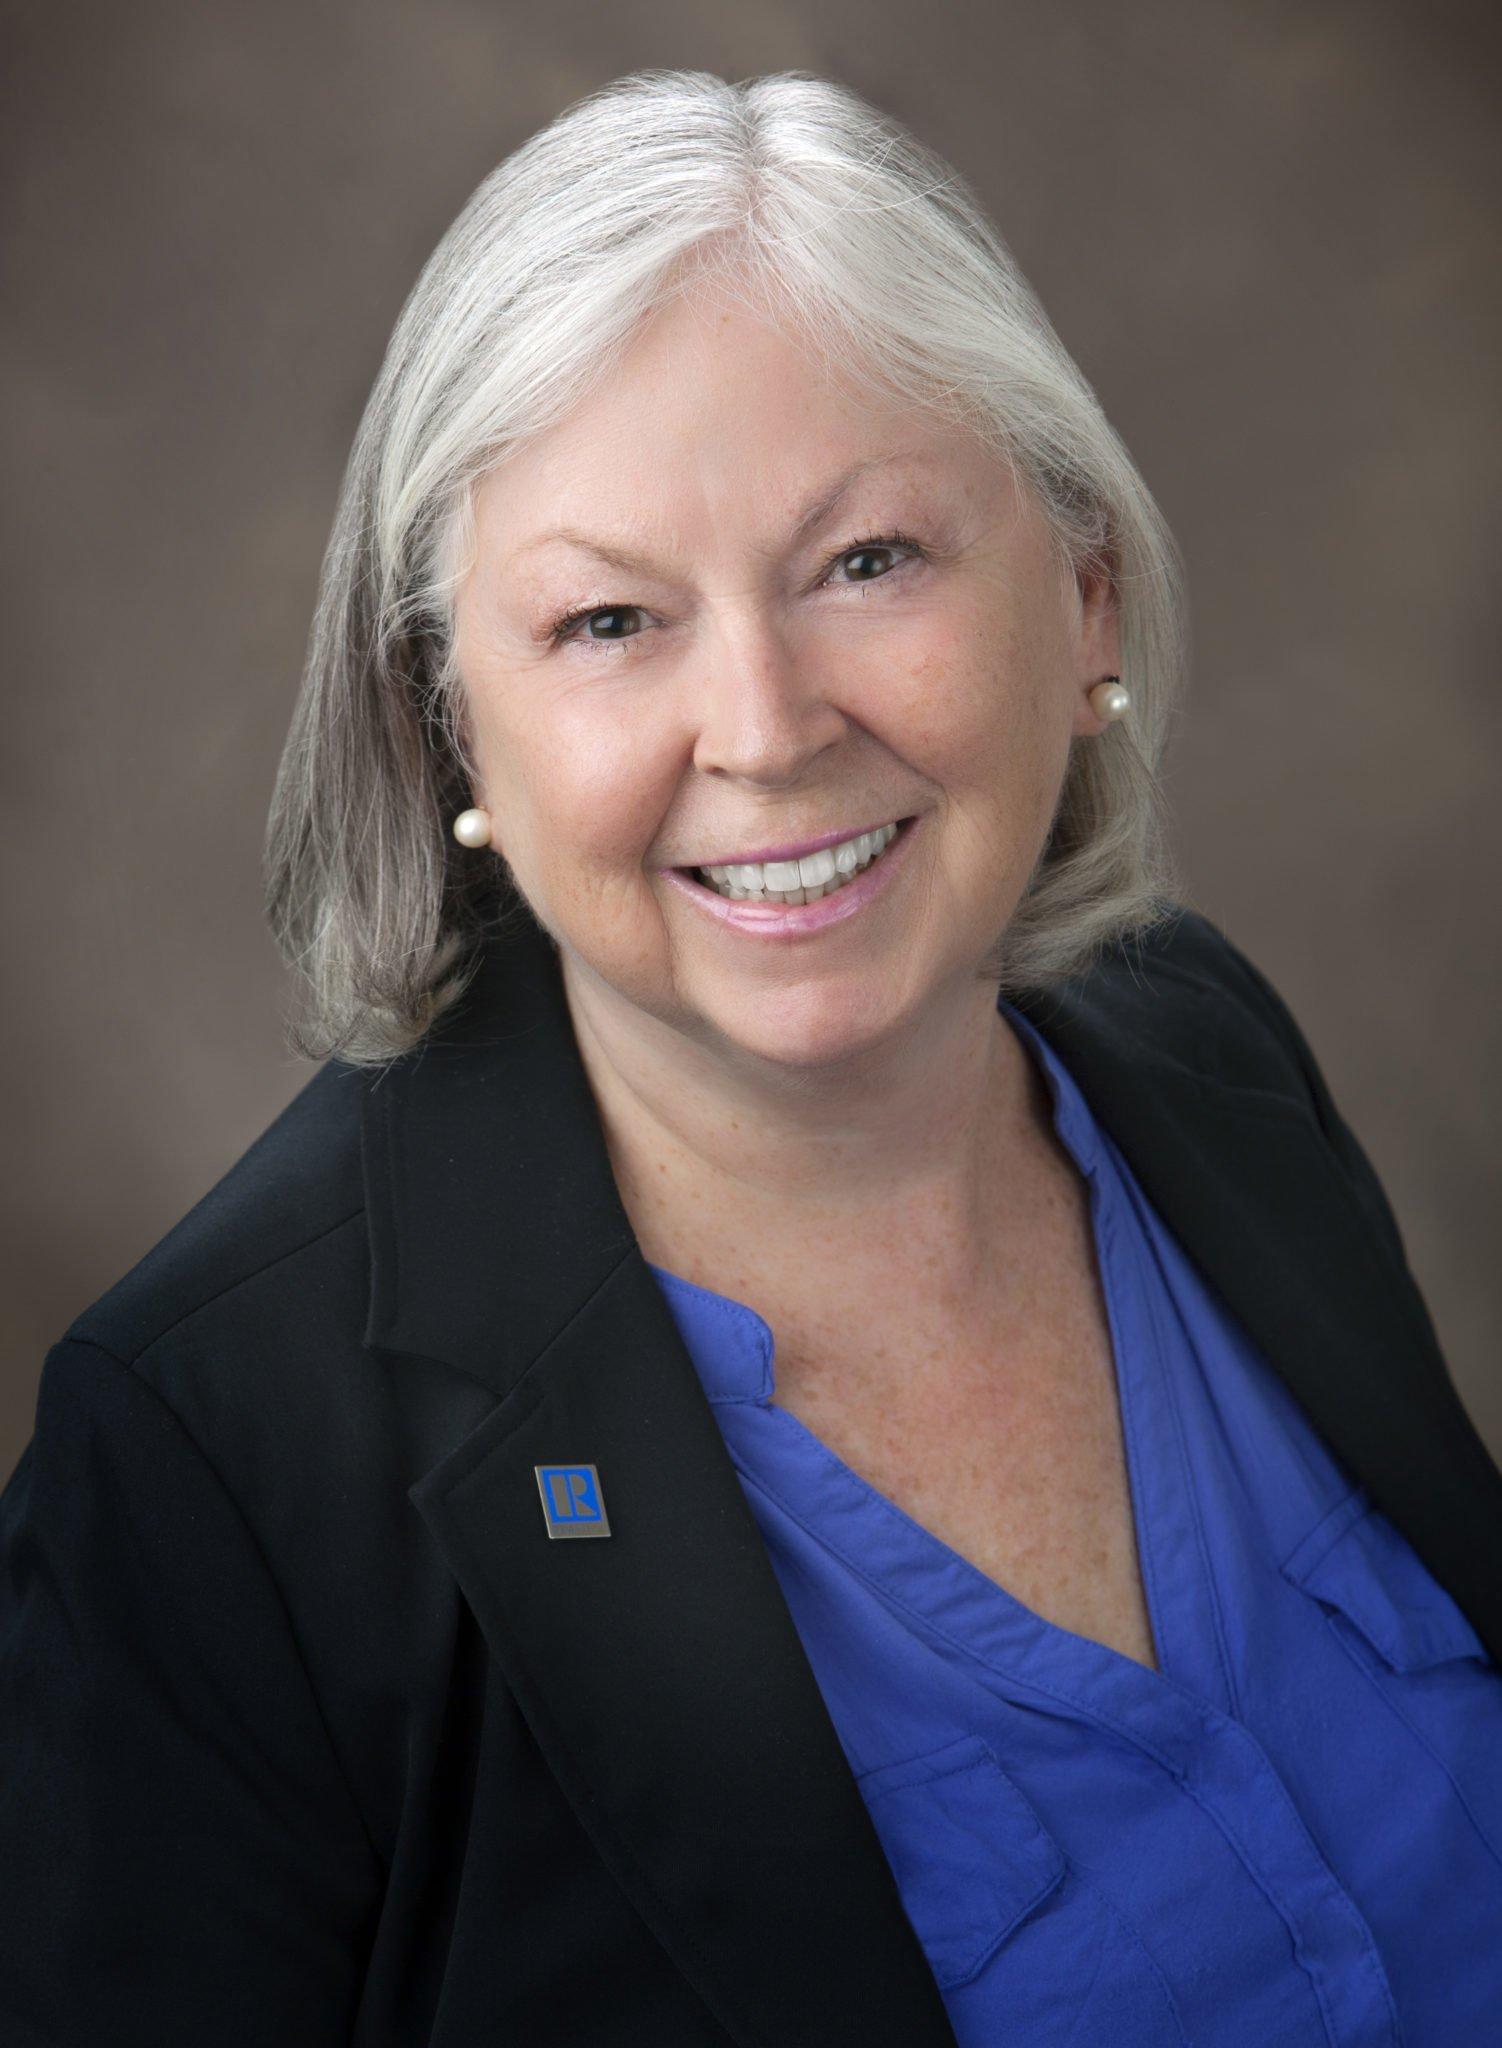 Mary C. Stokely